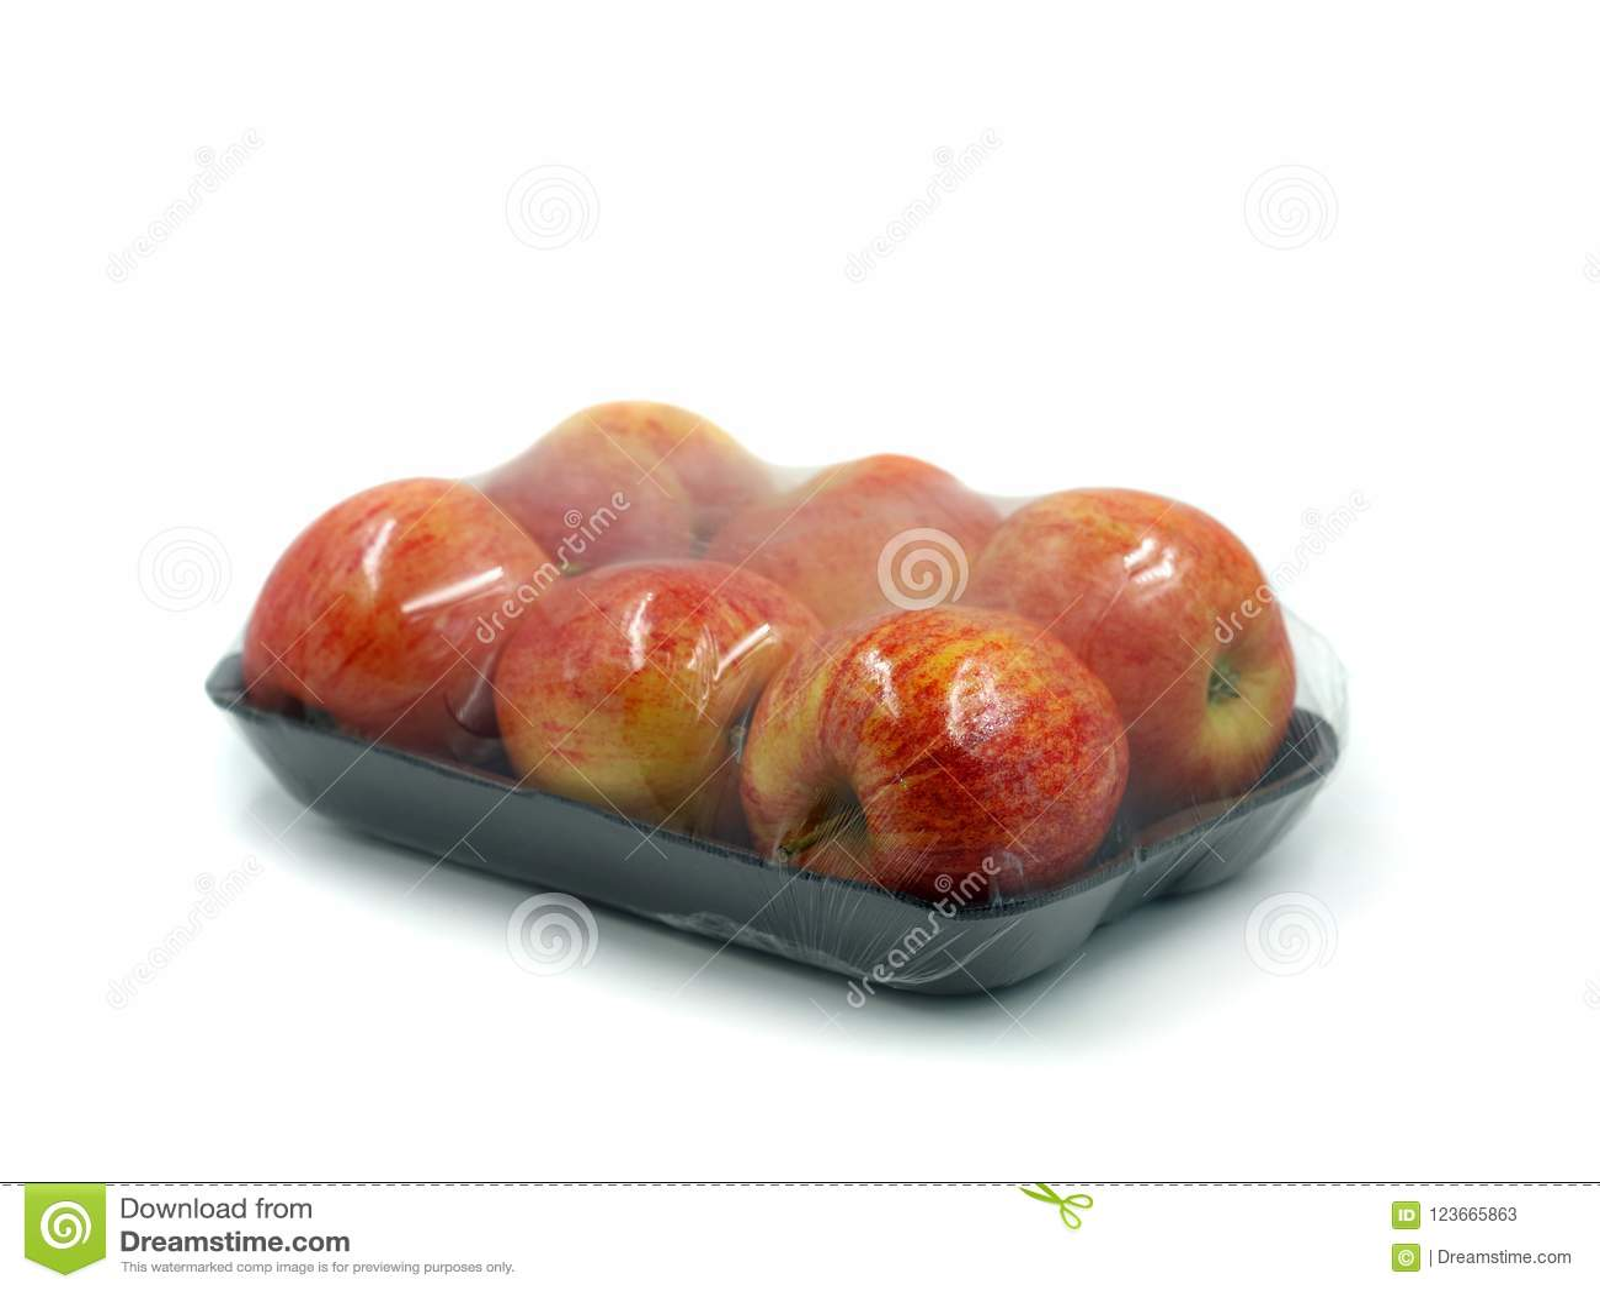 Buccia nera con sei mele avvolte in plastica trasparente isolata su fondo bianco